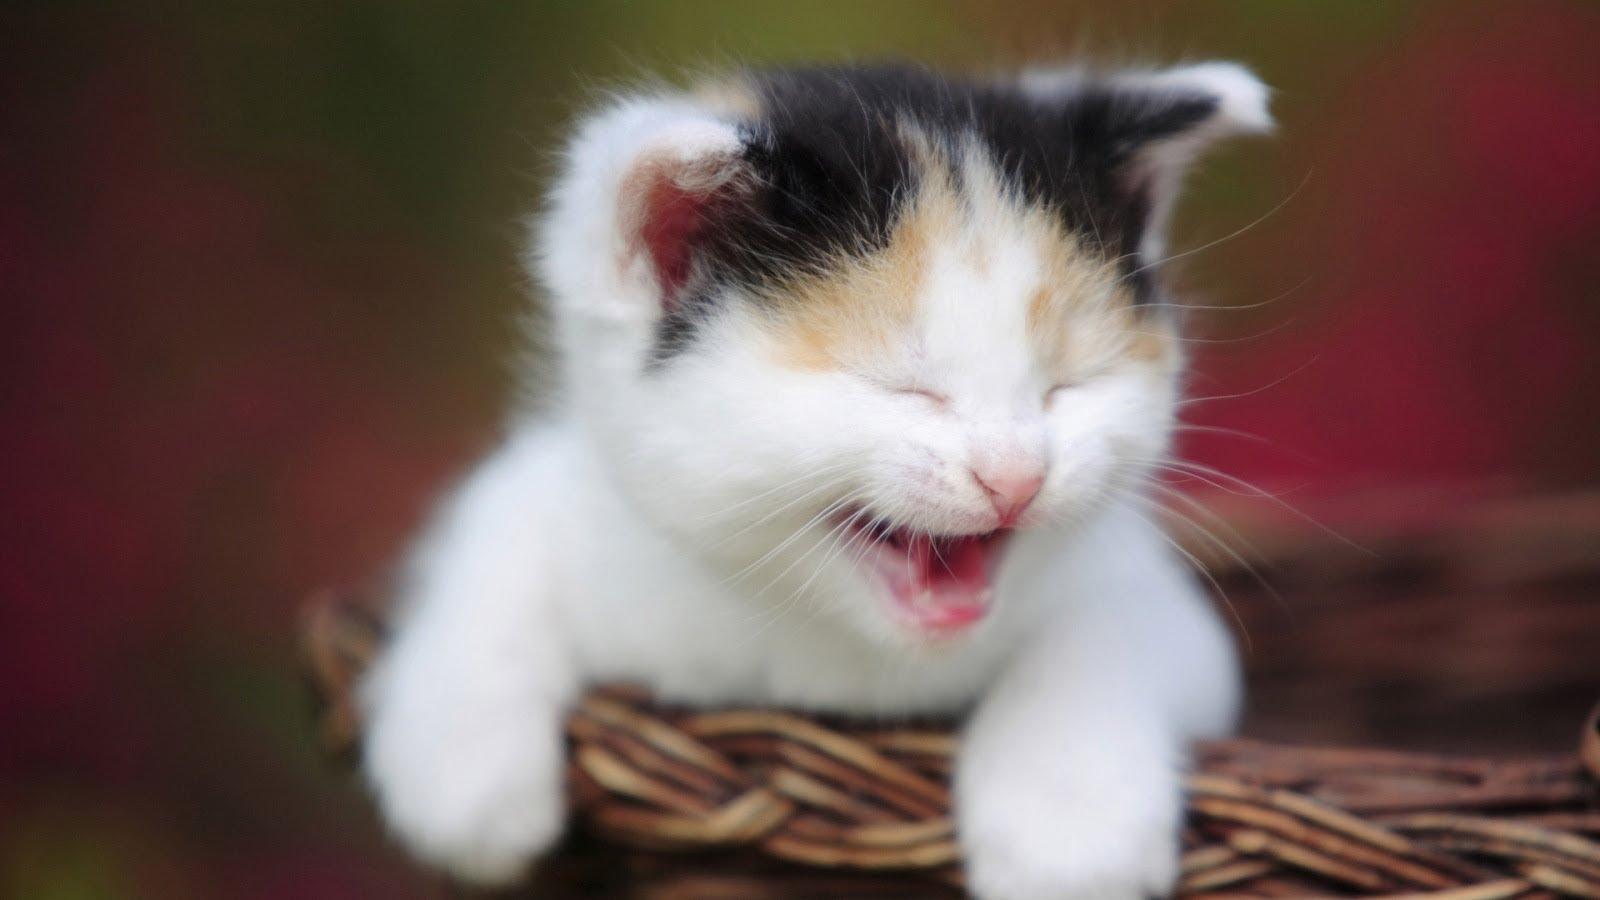 صور صور قطط مضحكة , اجمل صور القطط المضحكه